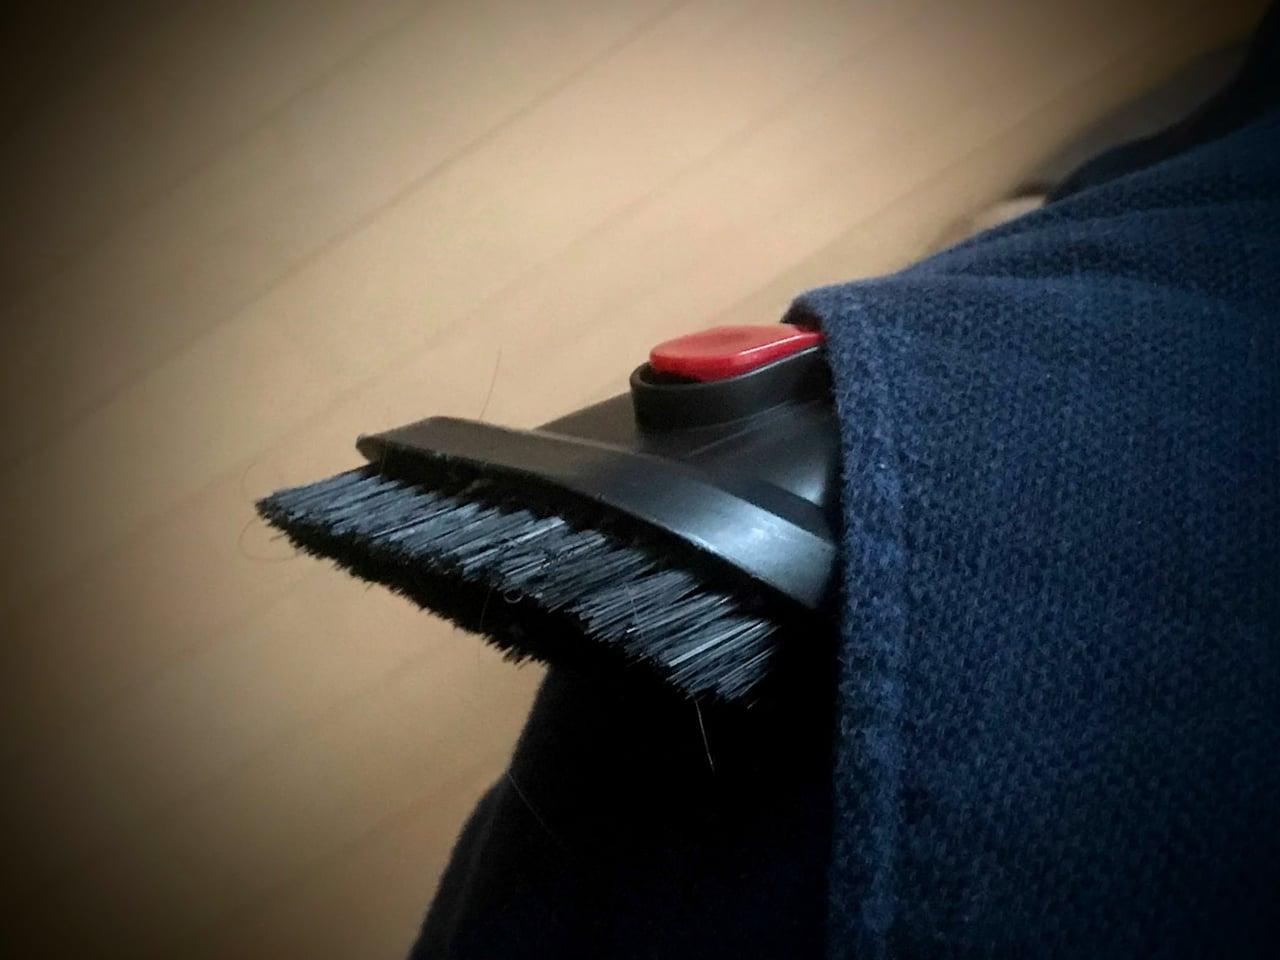 ポケットに入れたオプション掃除機ヘッド